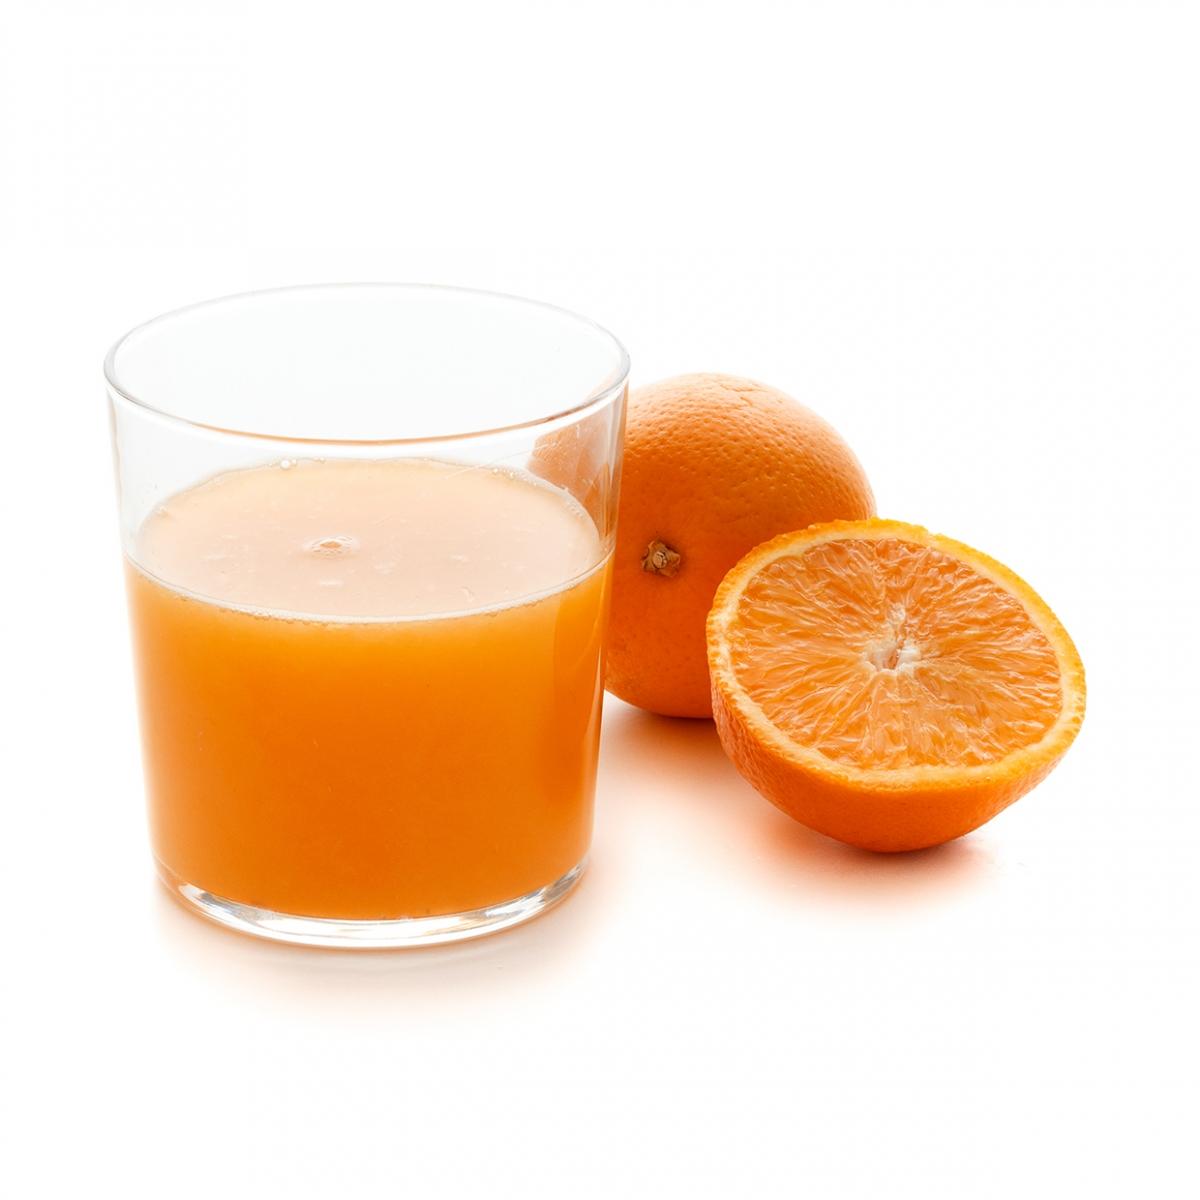 Imagen en la que se ve un vaso con zumo de naranja y, a su lado, una naranja entera y otra partida por la mitad delante.